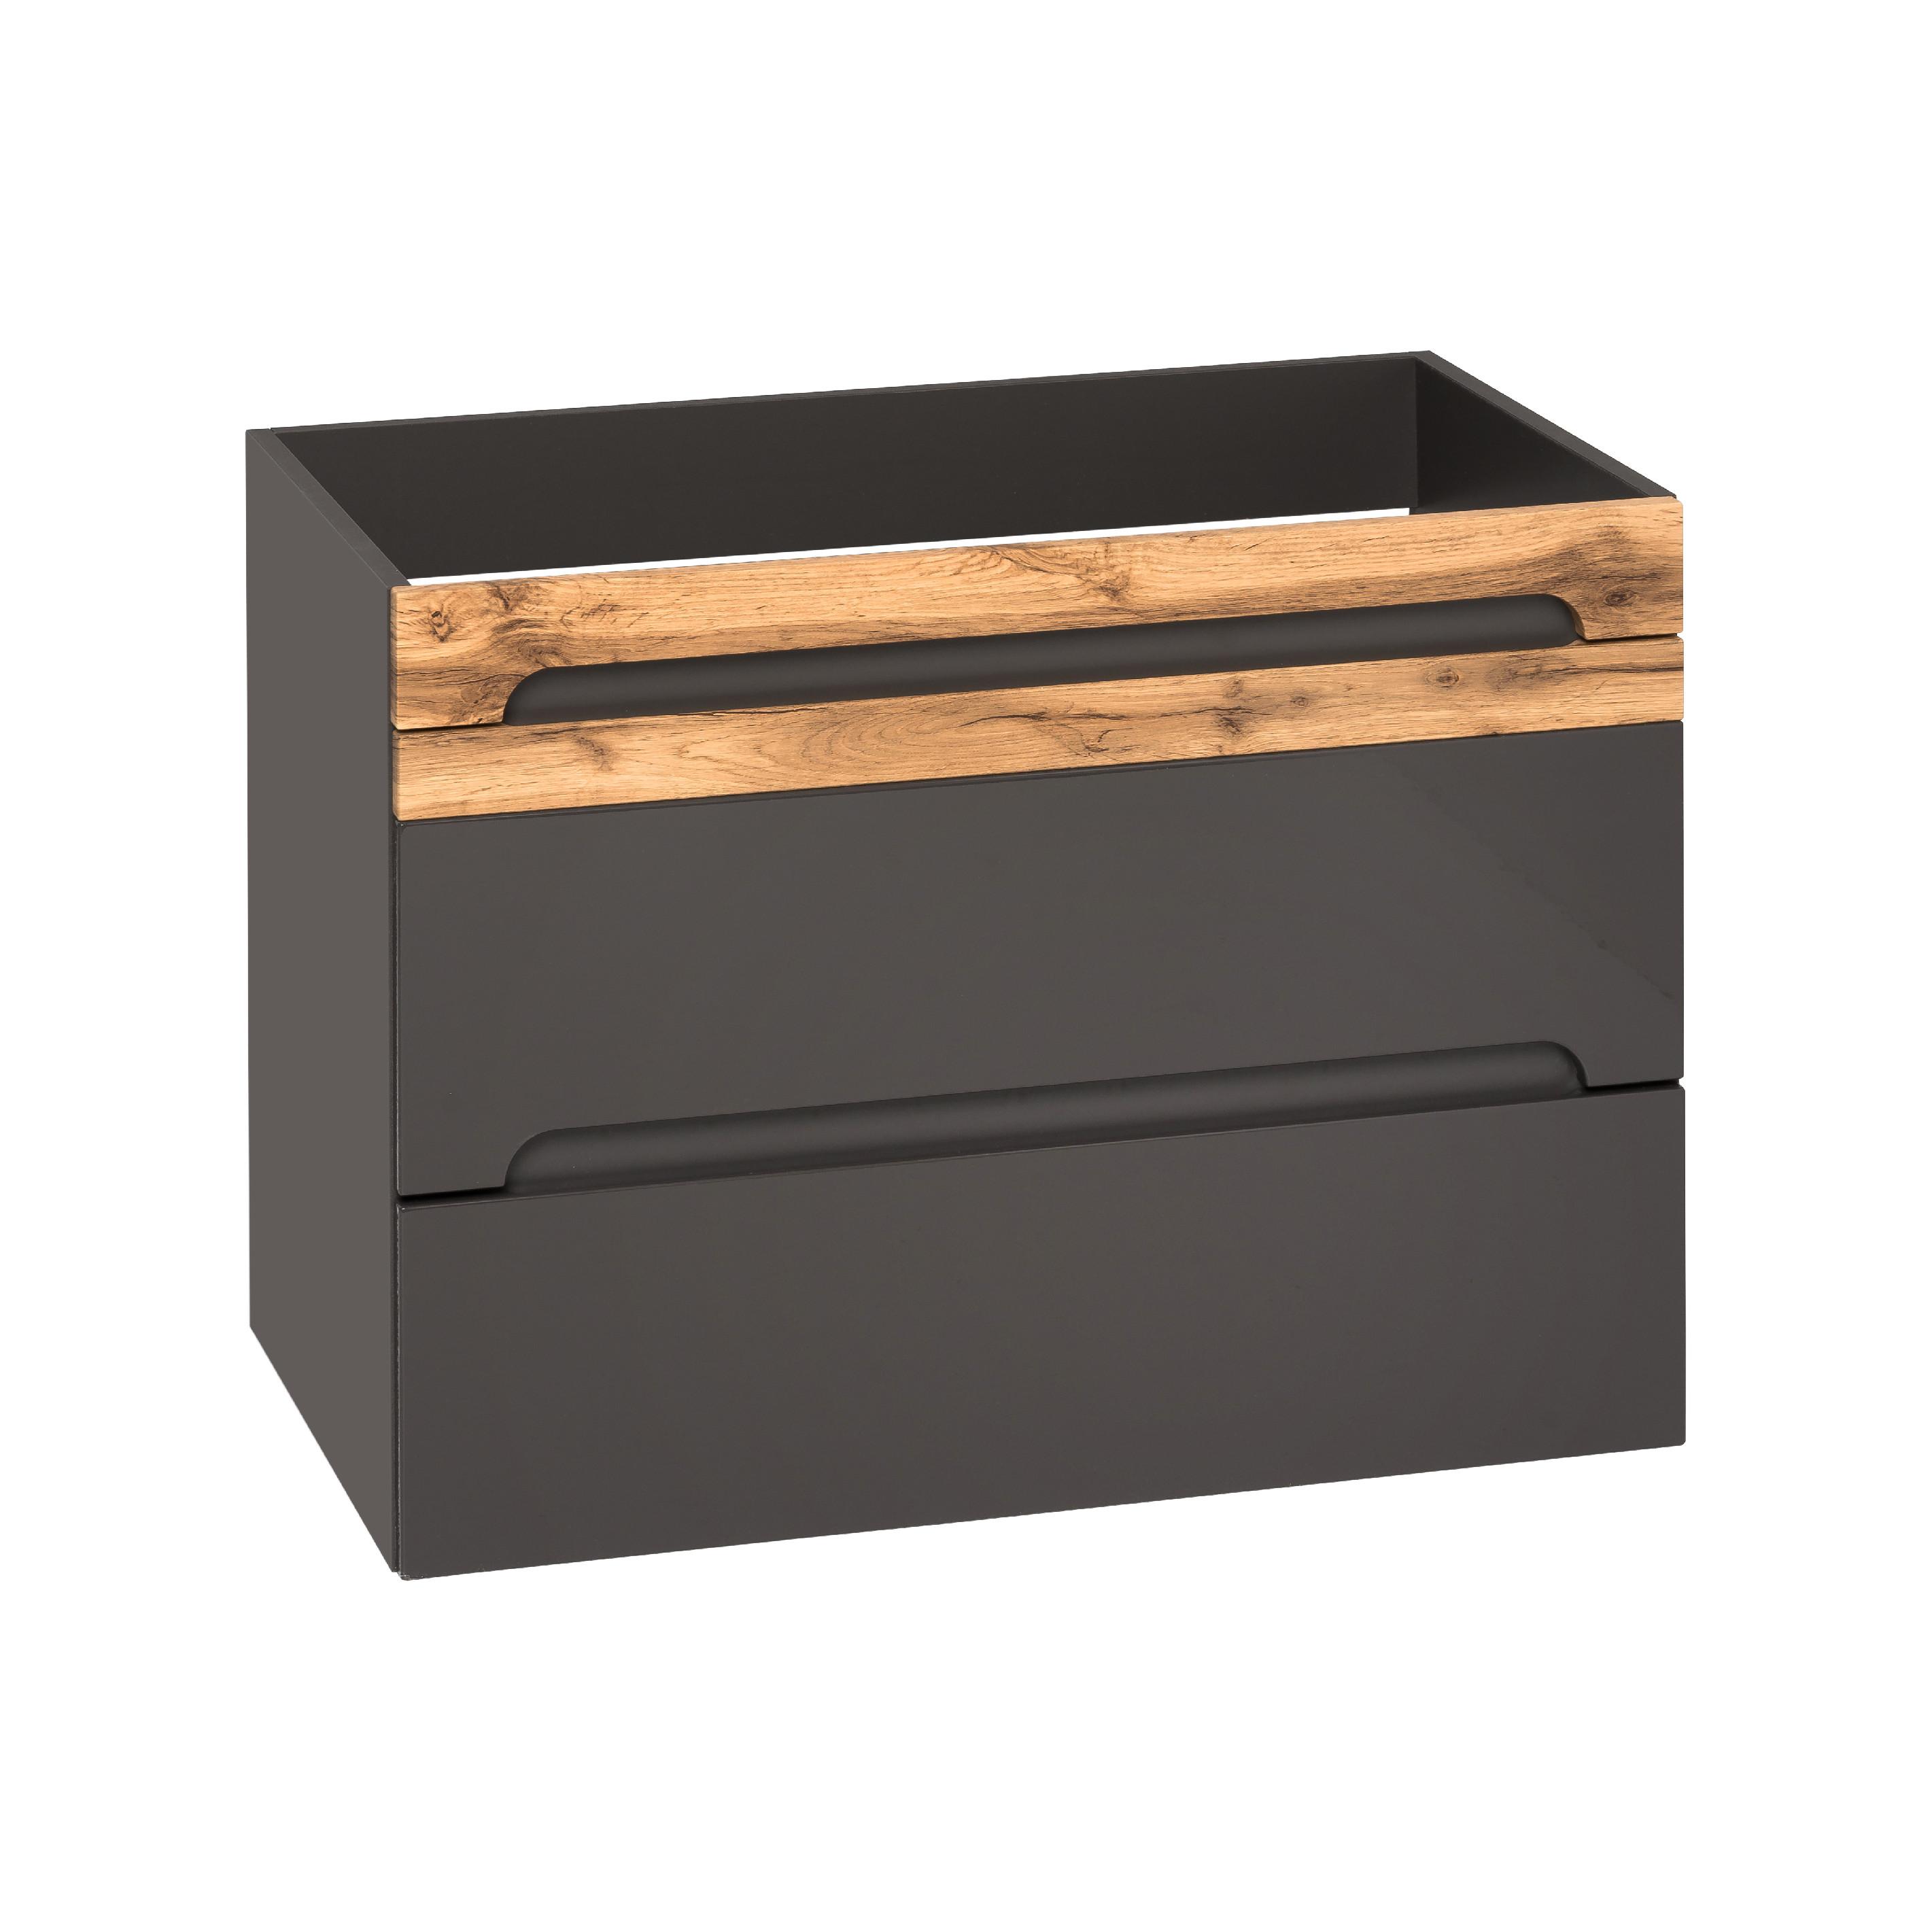 ArtCom Kúpelňová zostava Galaxy sivá Galaxy: skrinka nízka 810 - (67 x 35 x 33 cm)